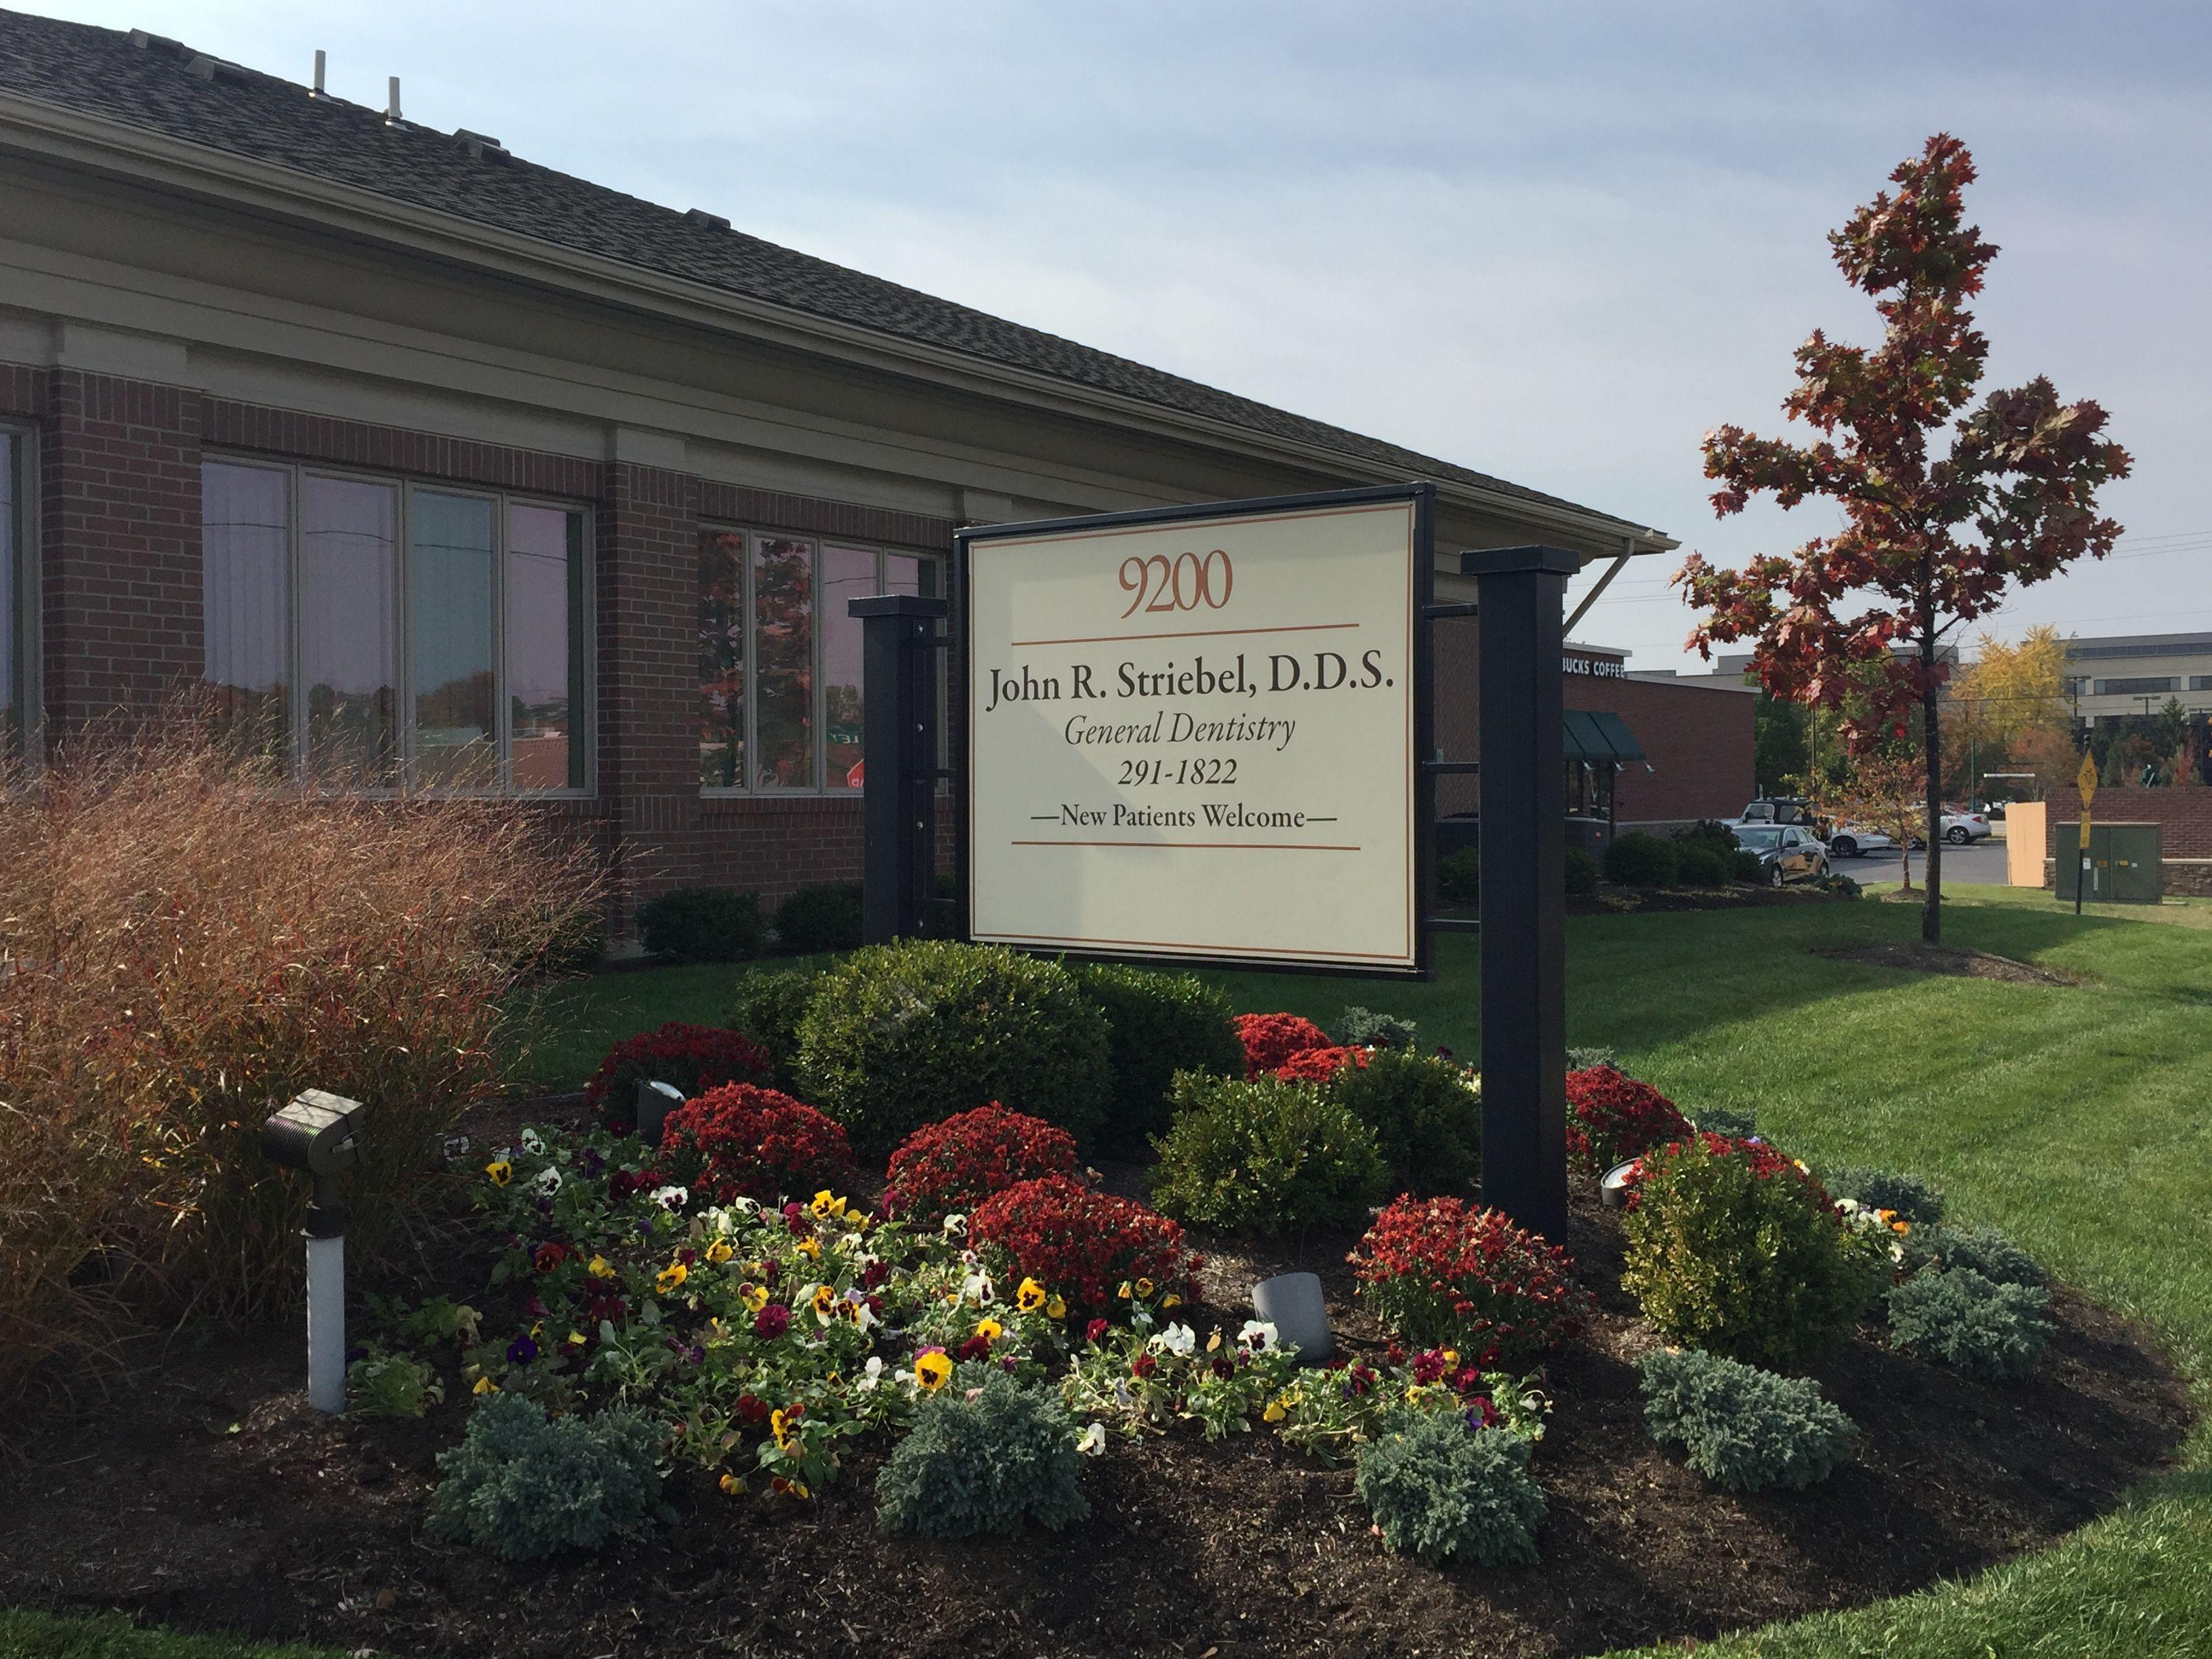 John R. Striebel DDS Office